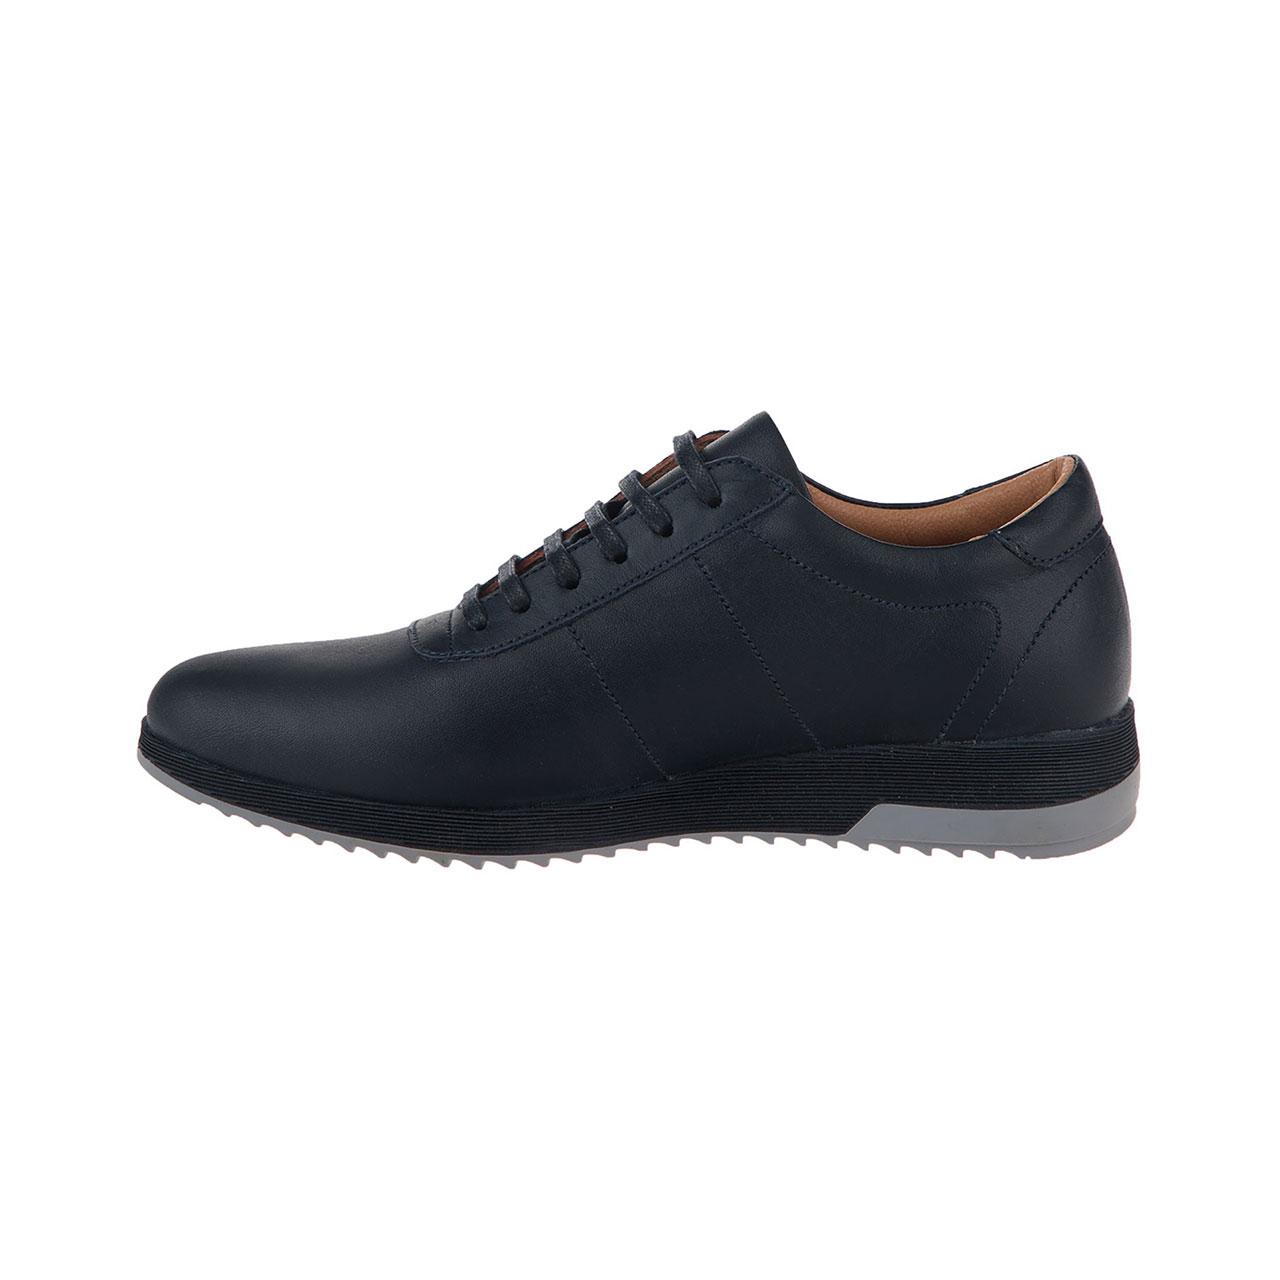 خرید کفش پیاده روی زنانه برتونیکس مدل 730-16